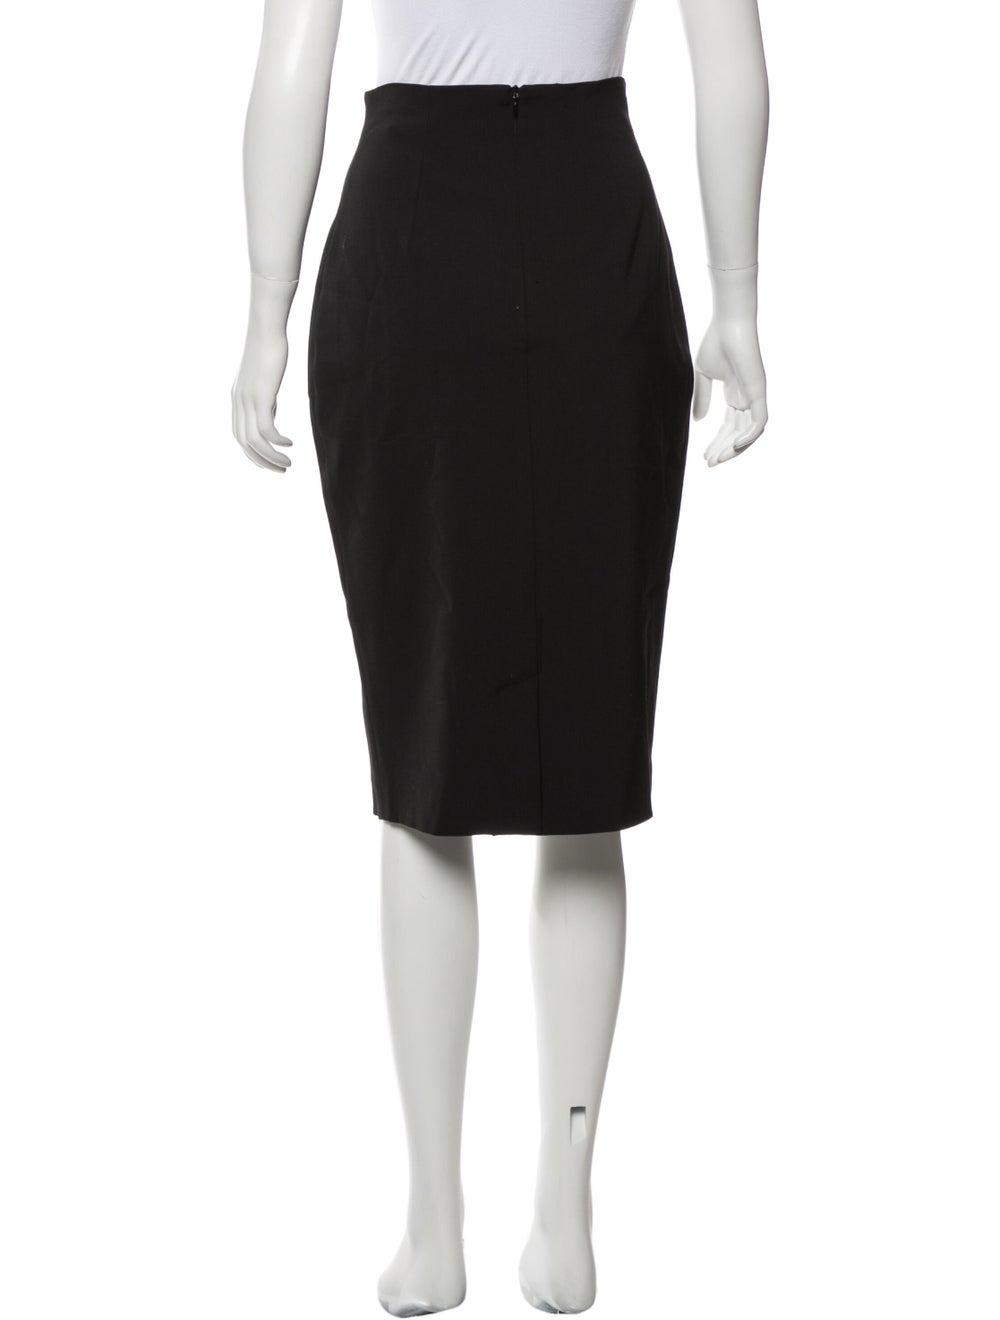 Plein Sud Knee-Length Skirt Black - image 3